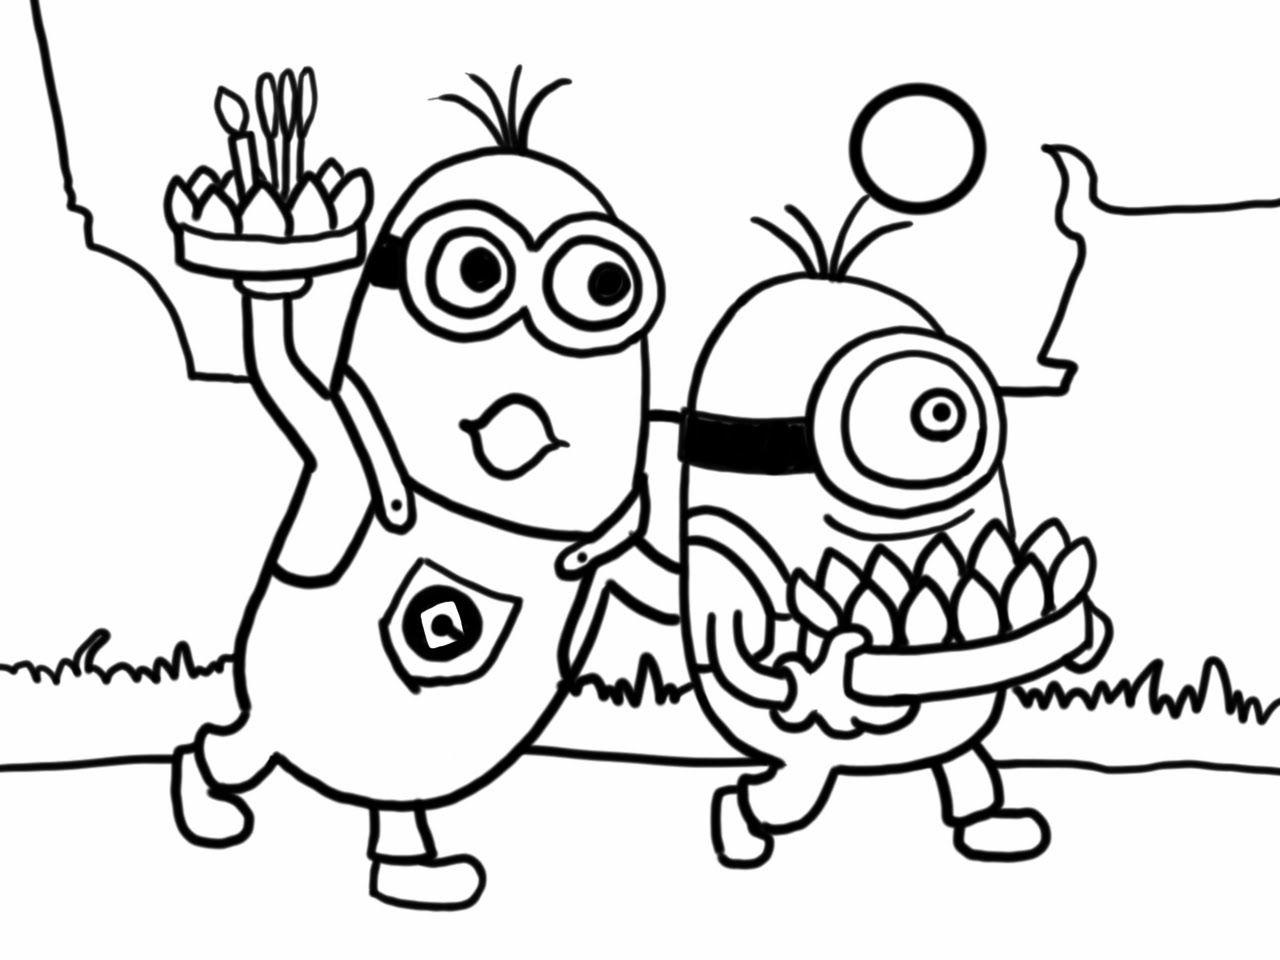 (วาดเส้น) สอนวาดรูป การ์ตูน มินเนี่ยน ลอยกระทง จาก การ์ตูน